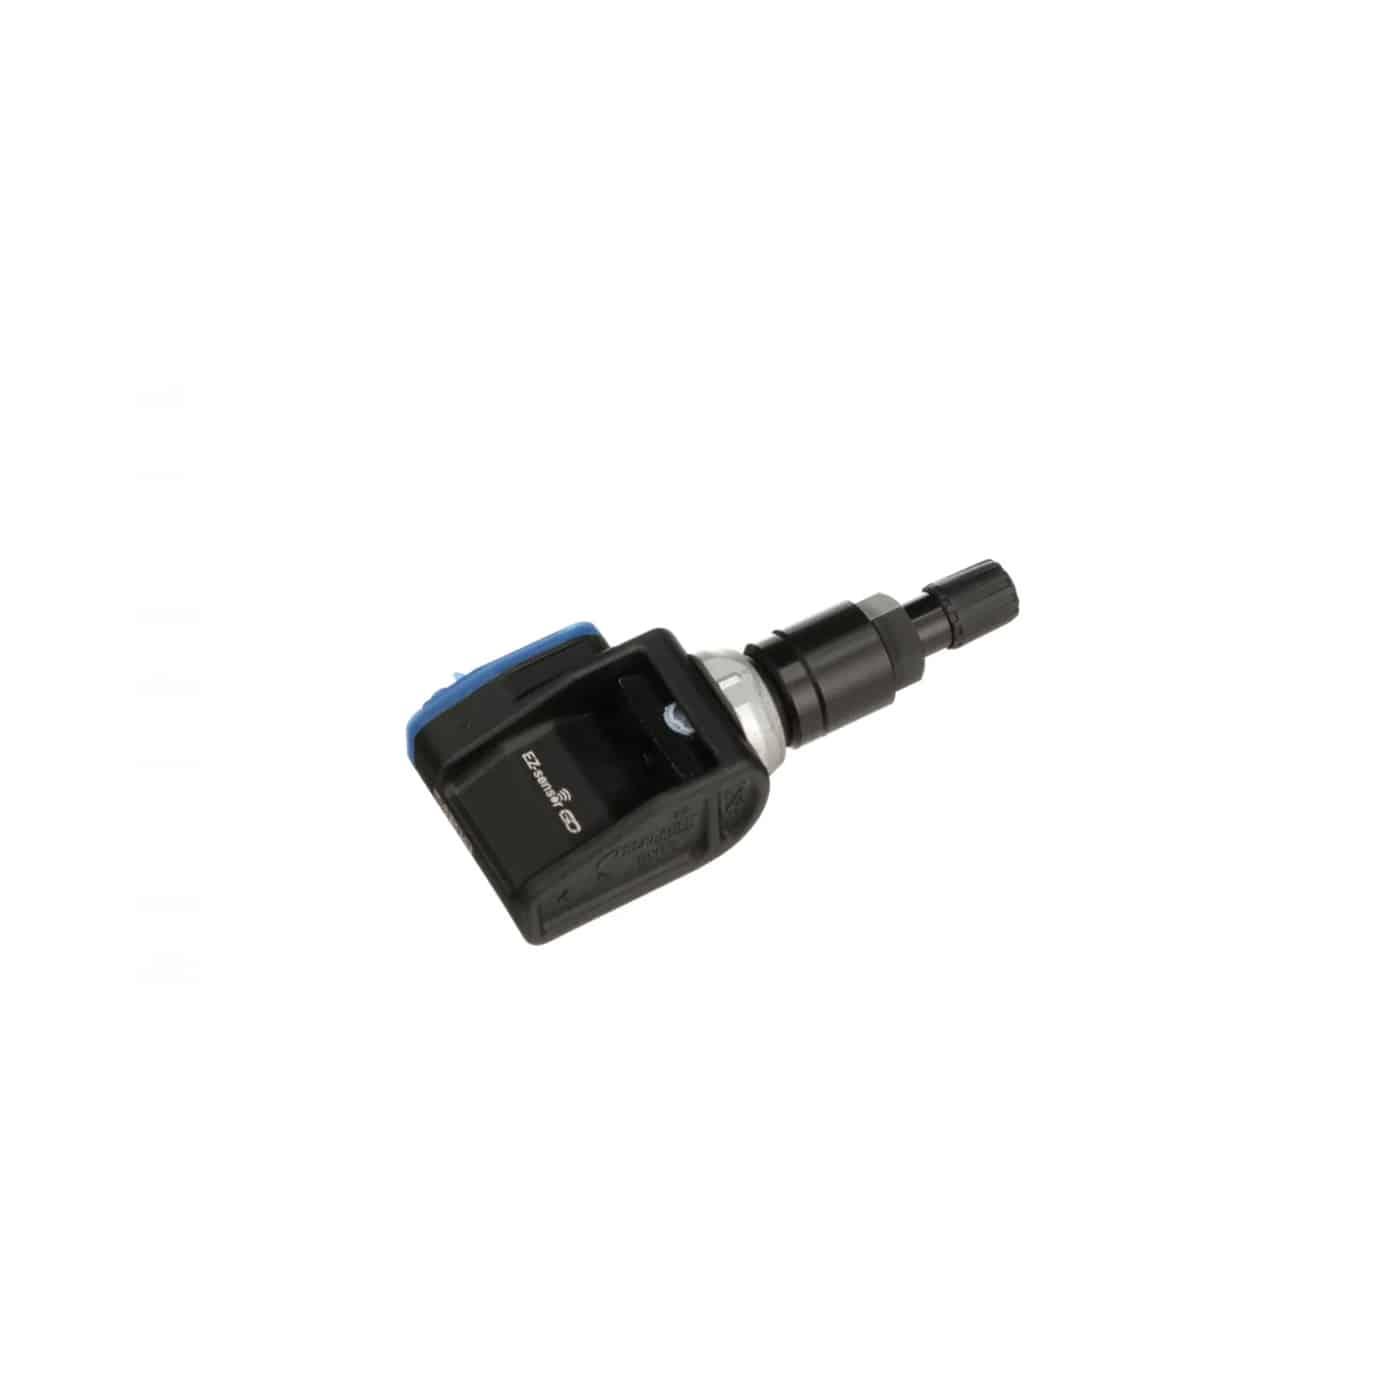 Sensor TG1C